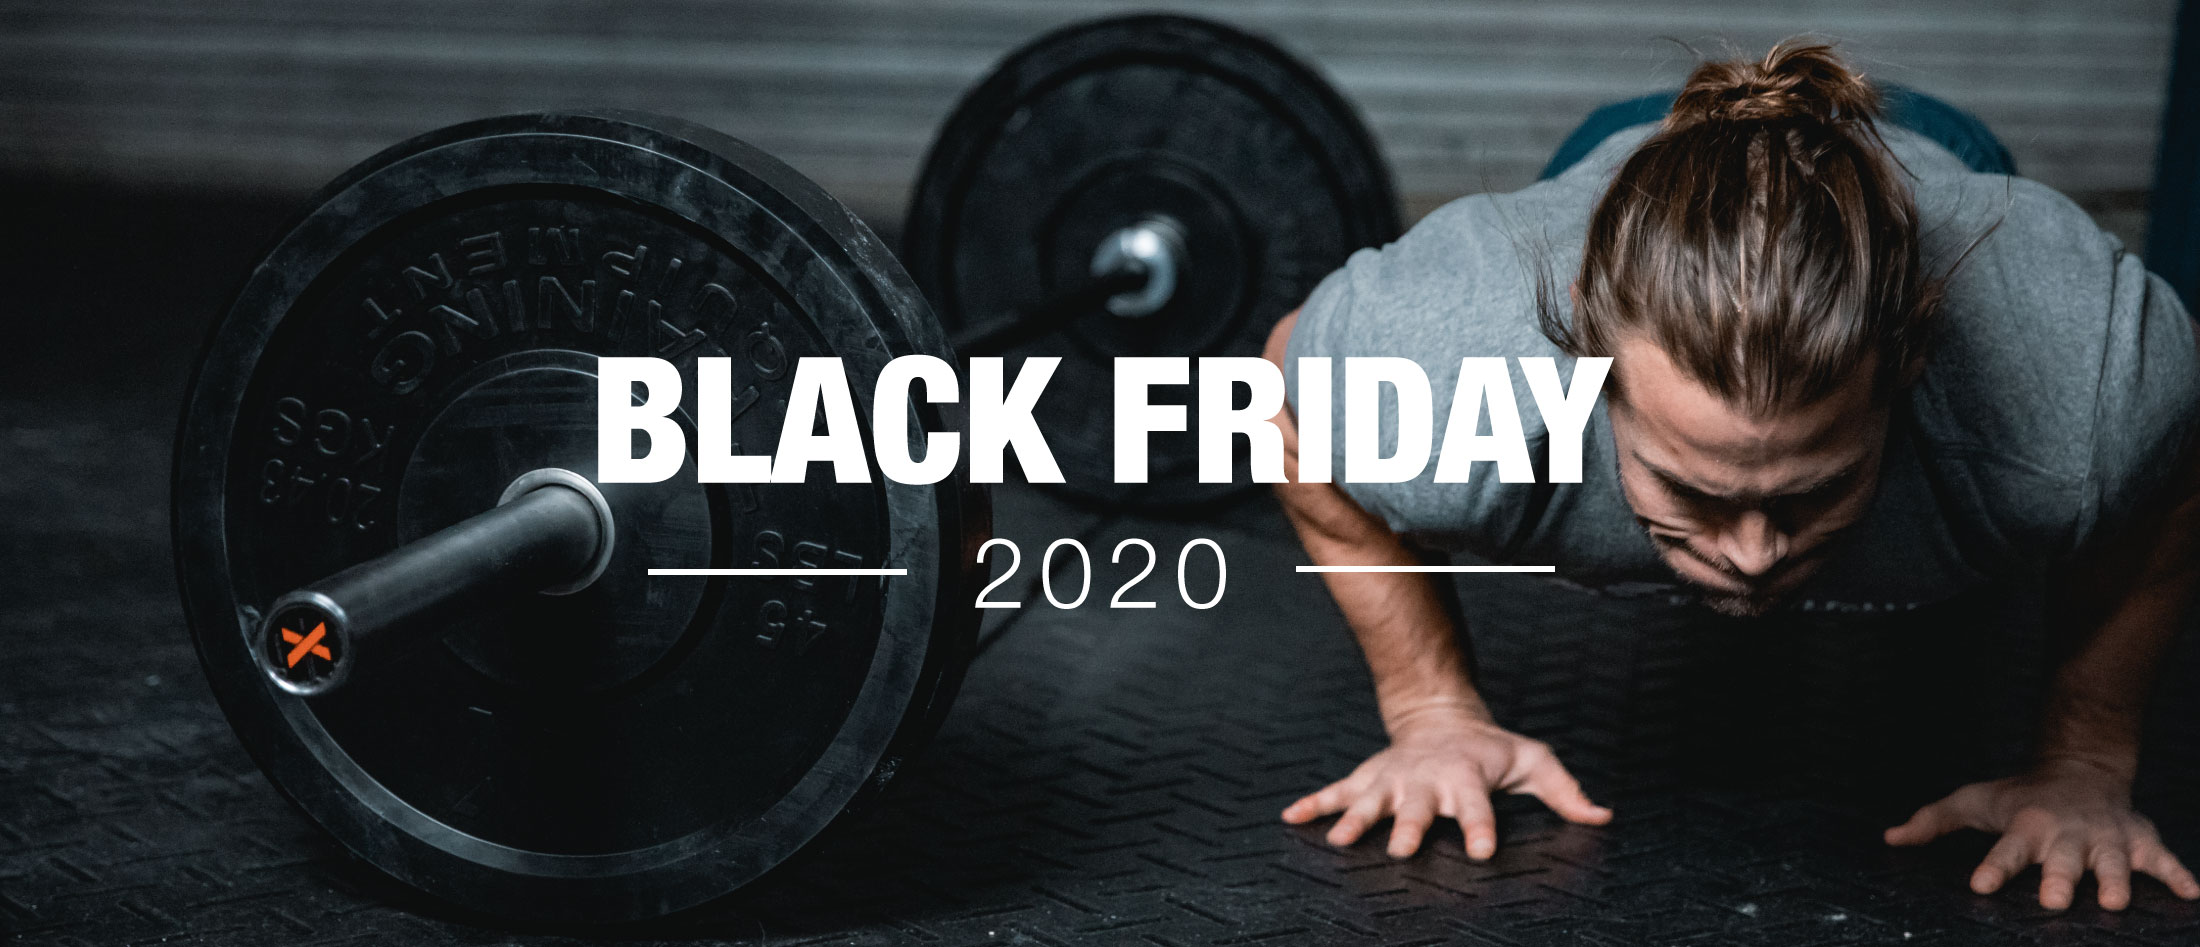 X Training Black Friday 2020